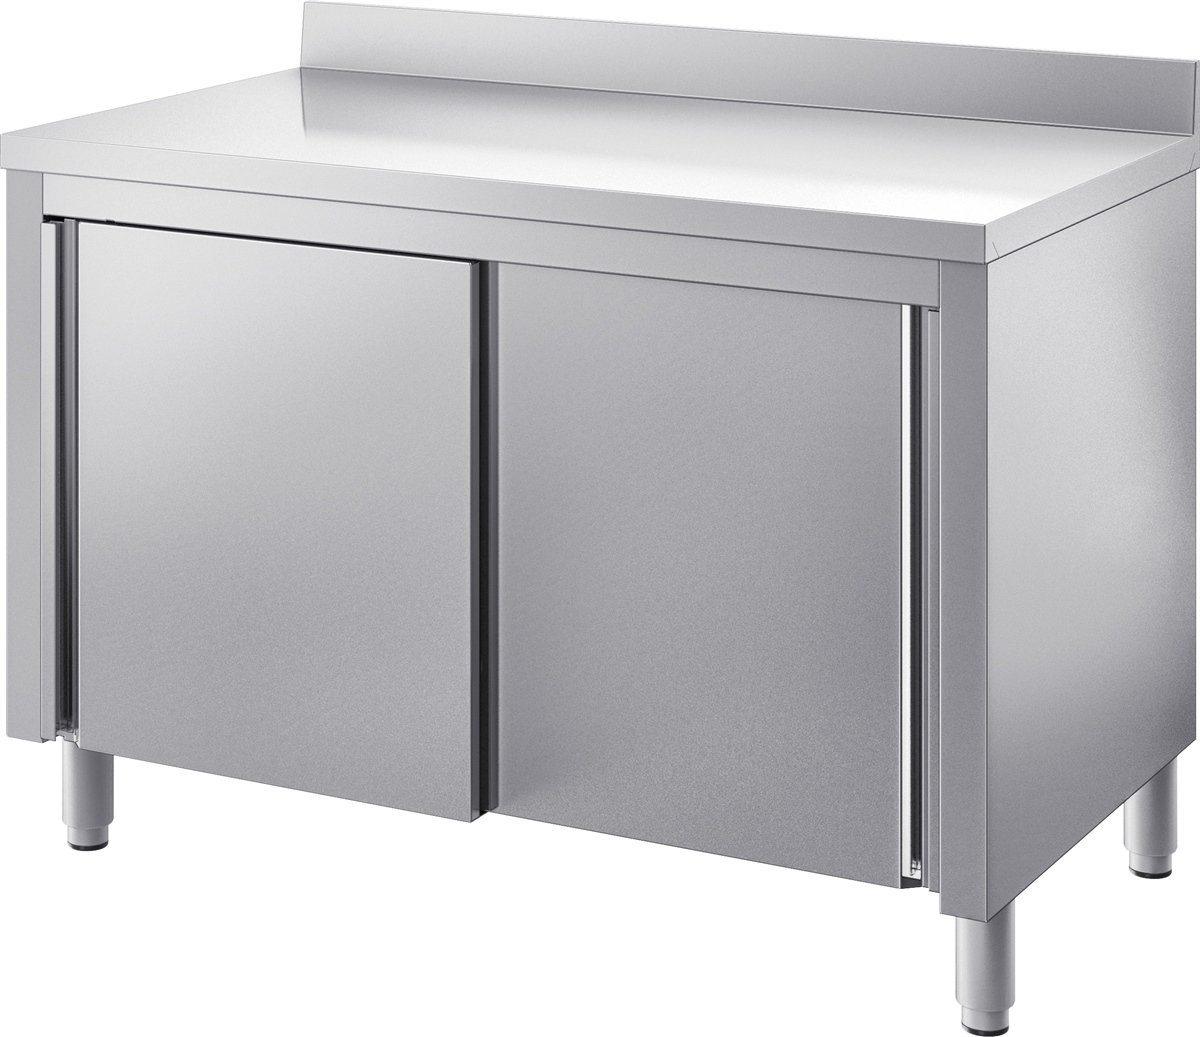 gam gastro edelstahl arbeitstisch tisch 130 cm breit mit schiebet ren abschlusskante. Black Bedroom Furniture Sets. Home Design Ideas